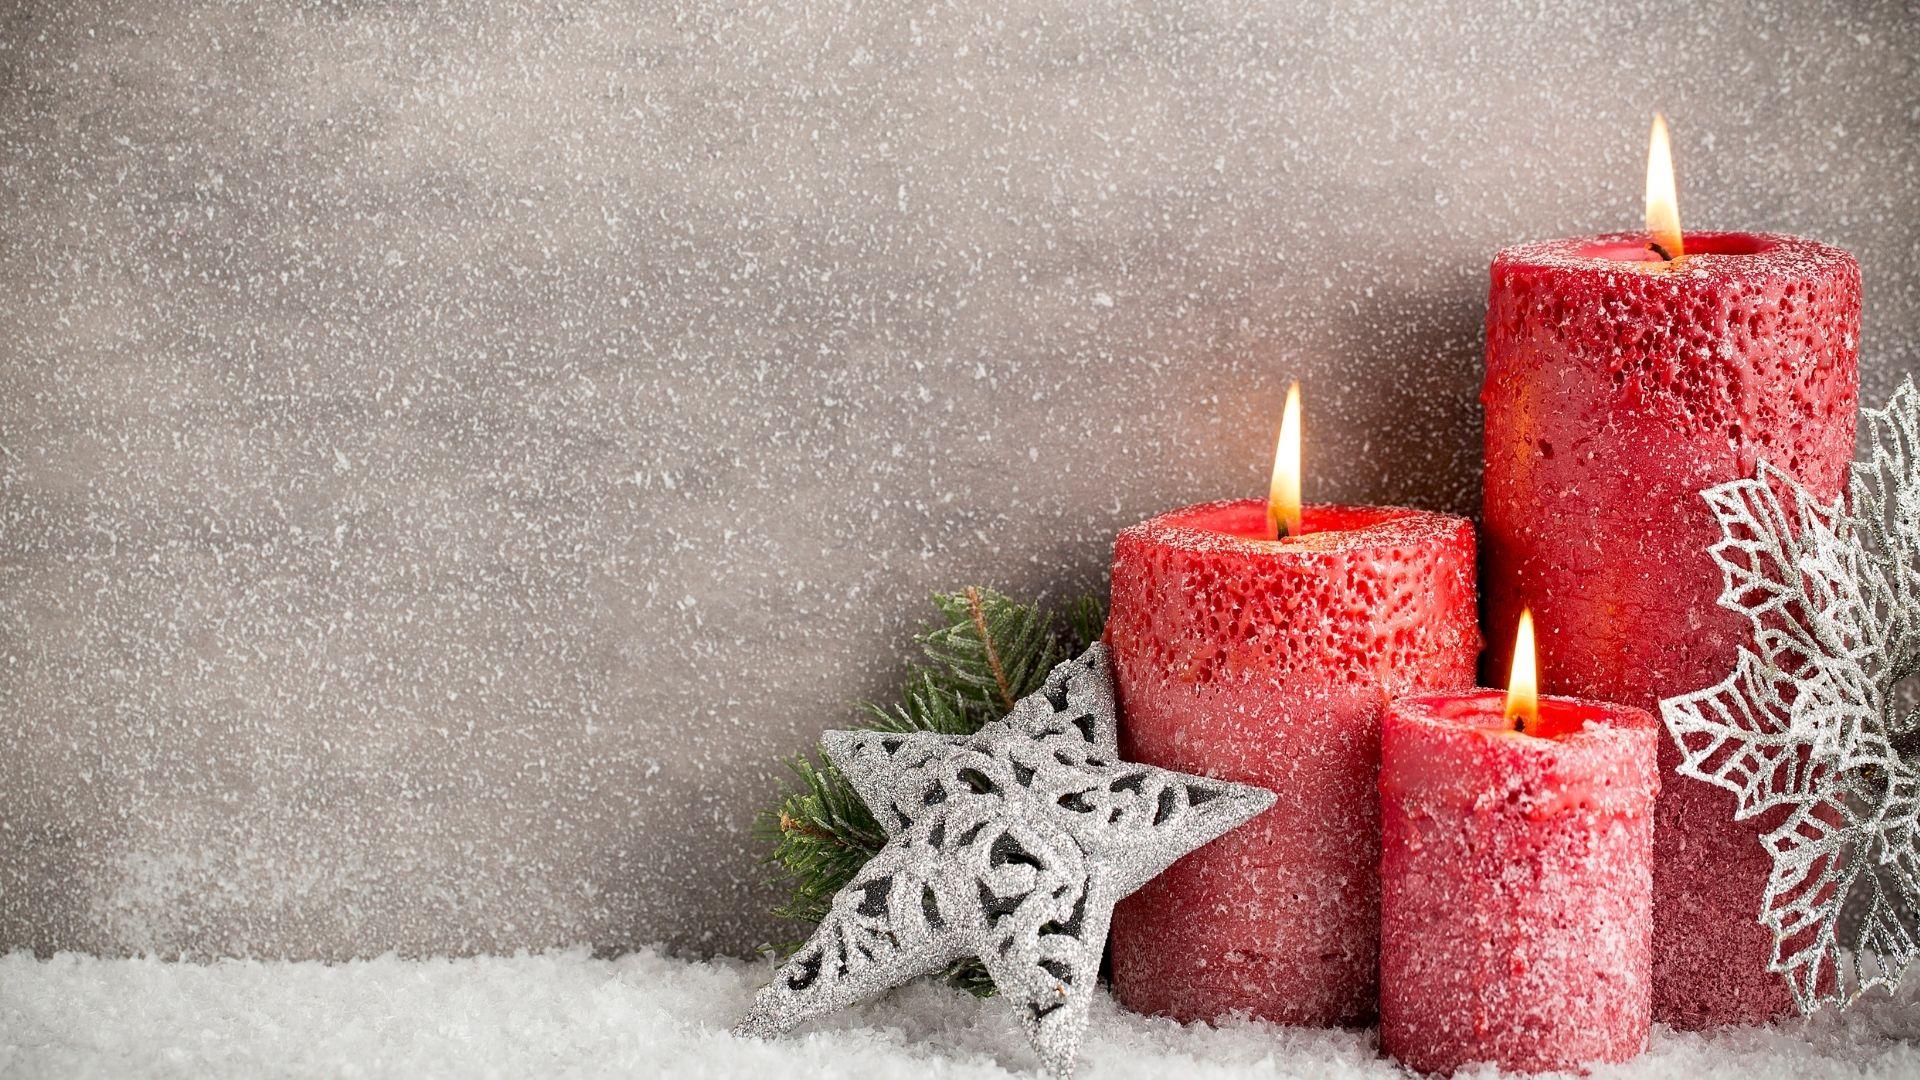 2012 ljus advent stjärna snö magasin i adventstid